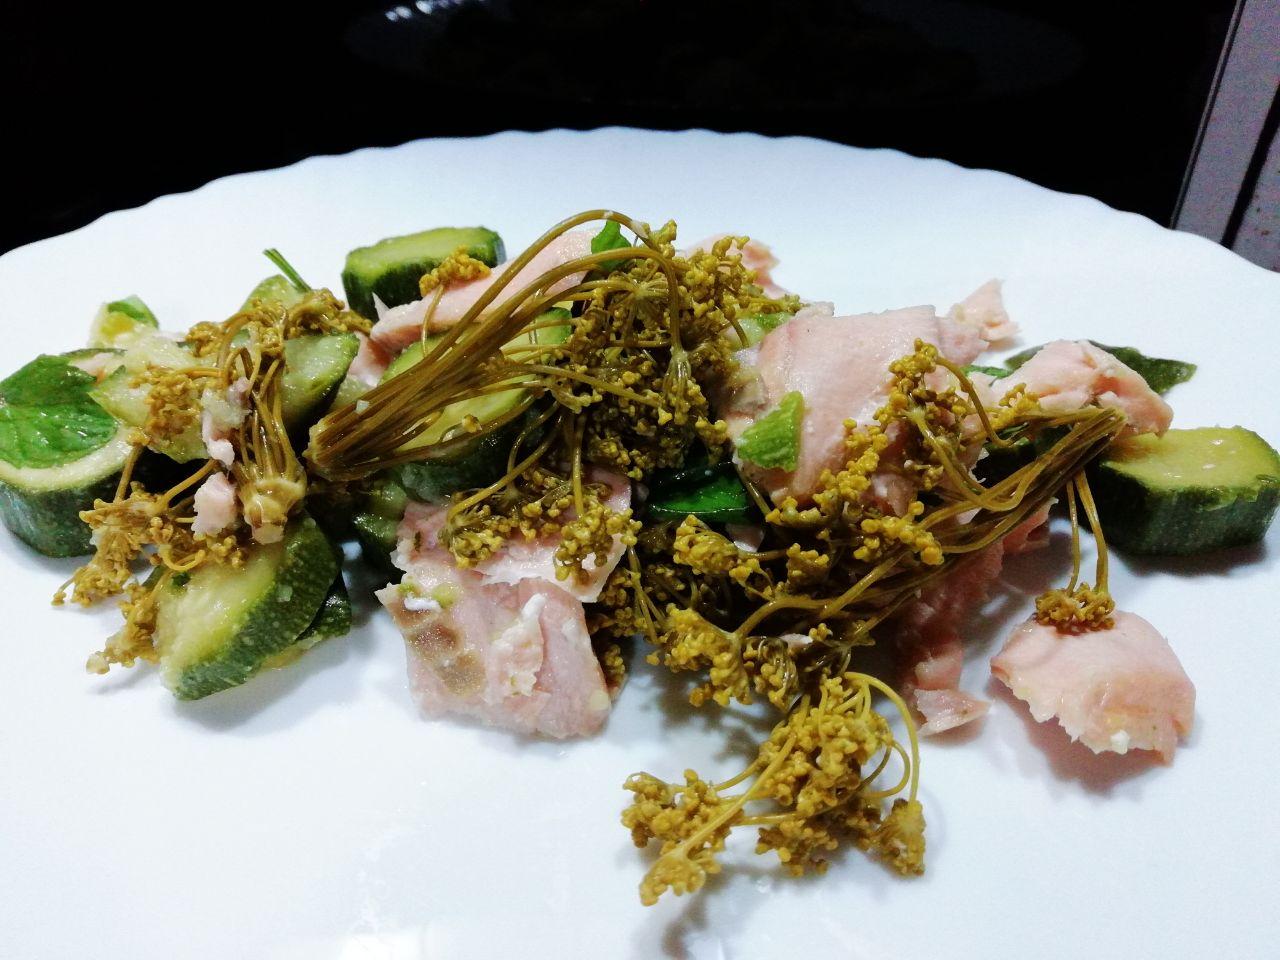 Ricette a base di pesce light: insalata di salmone e zucchine!